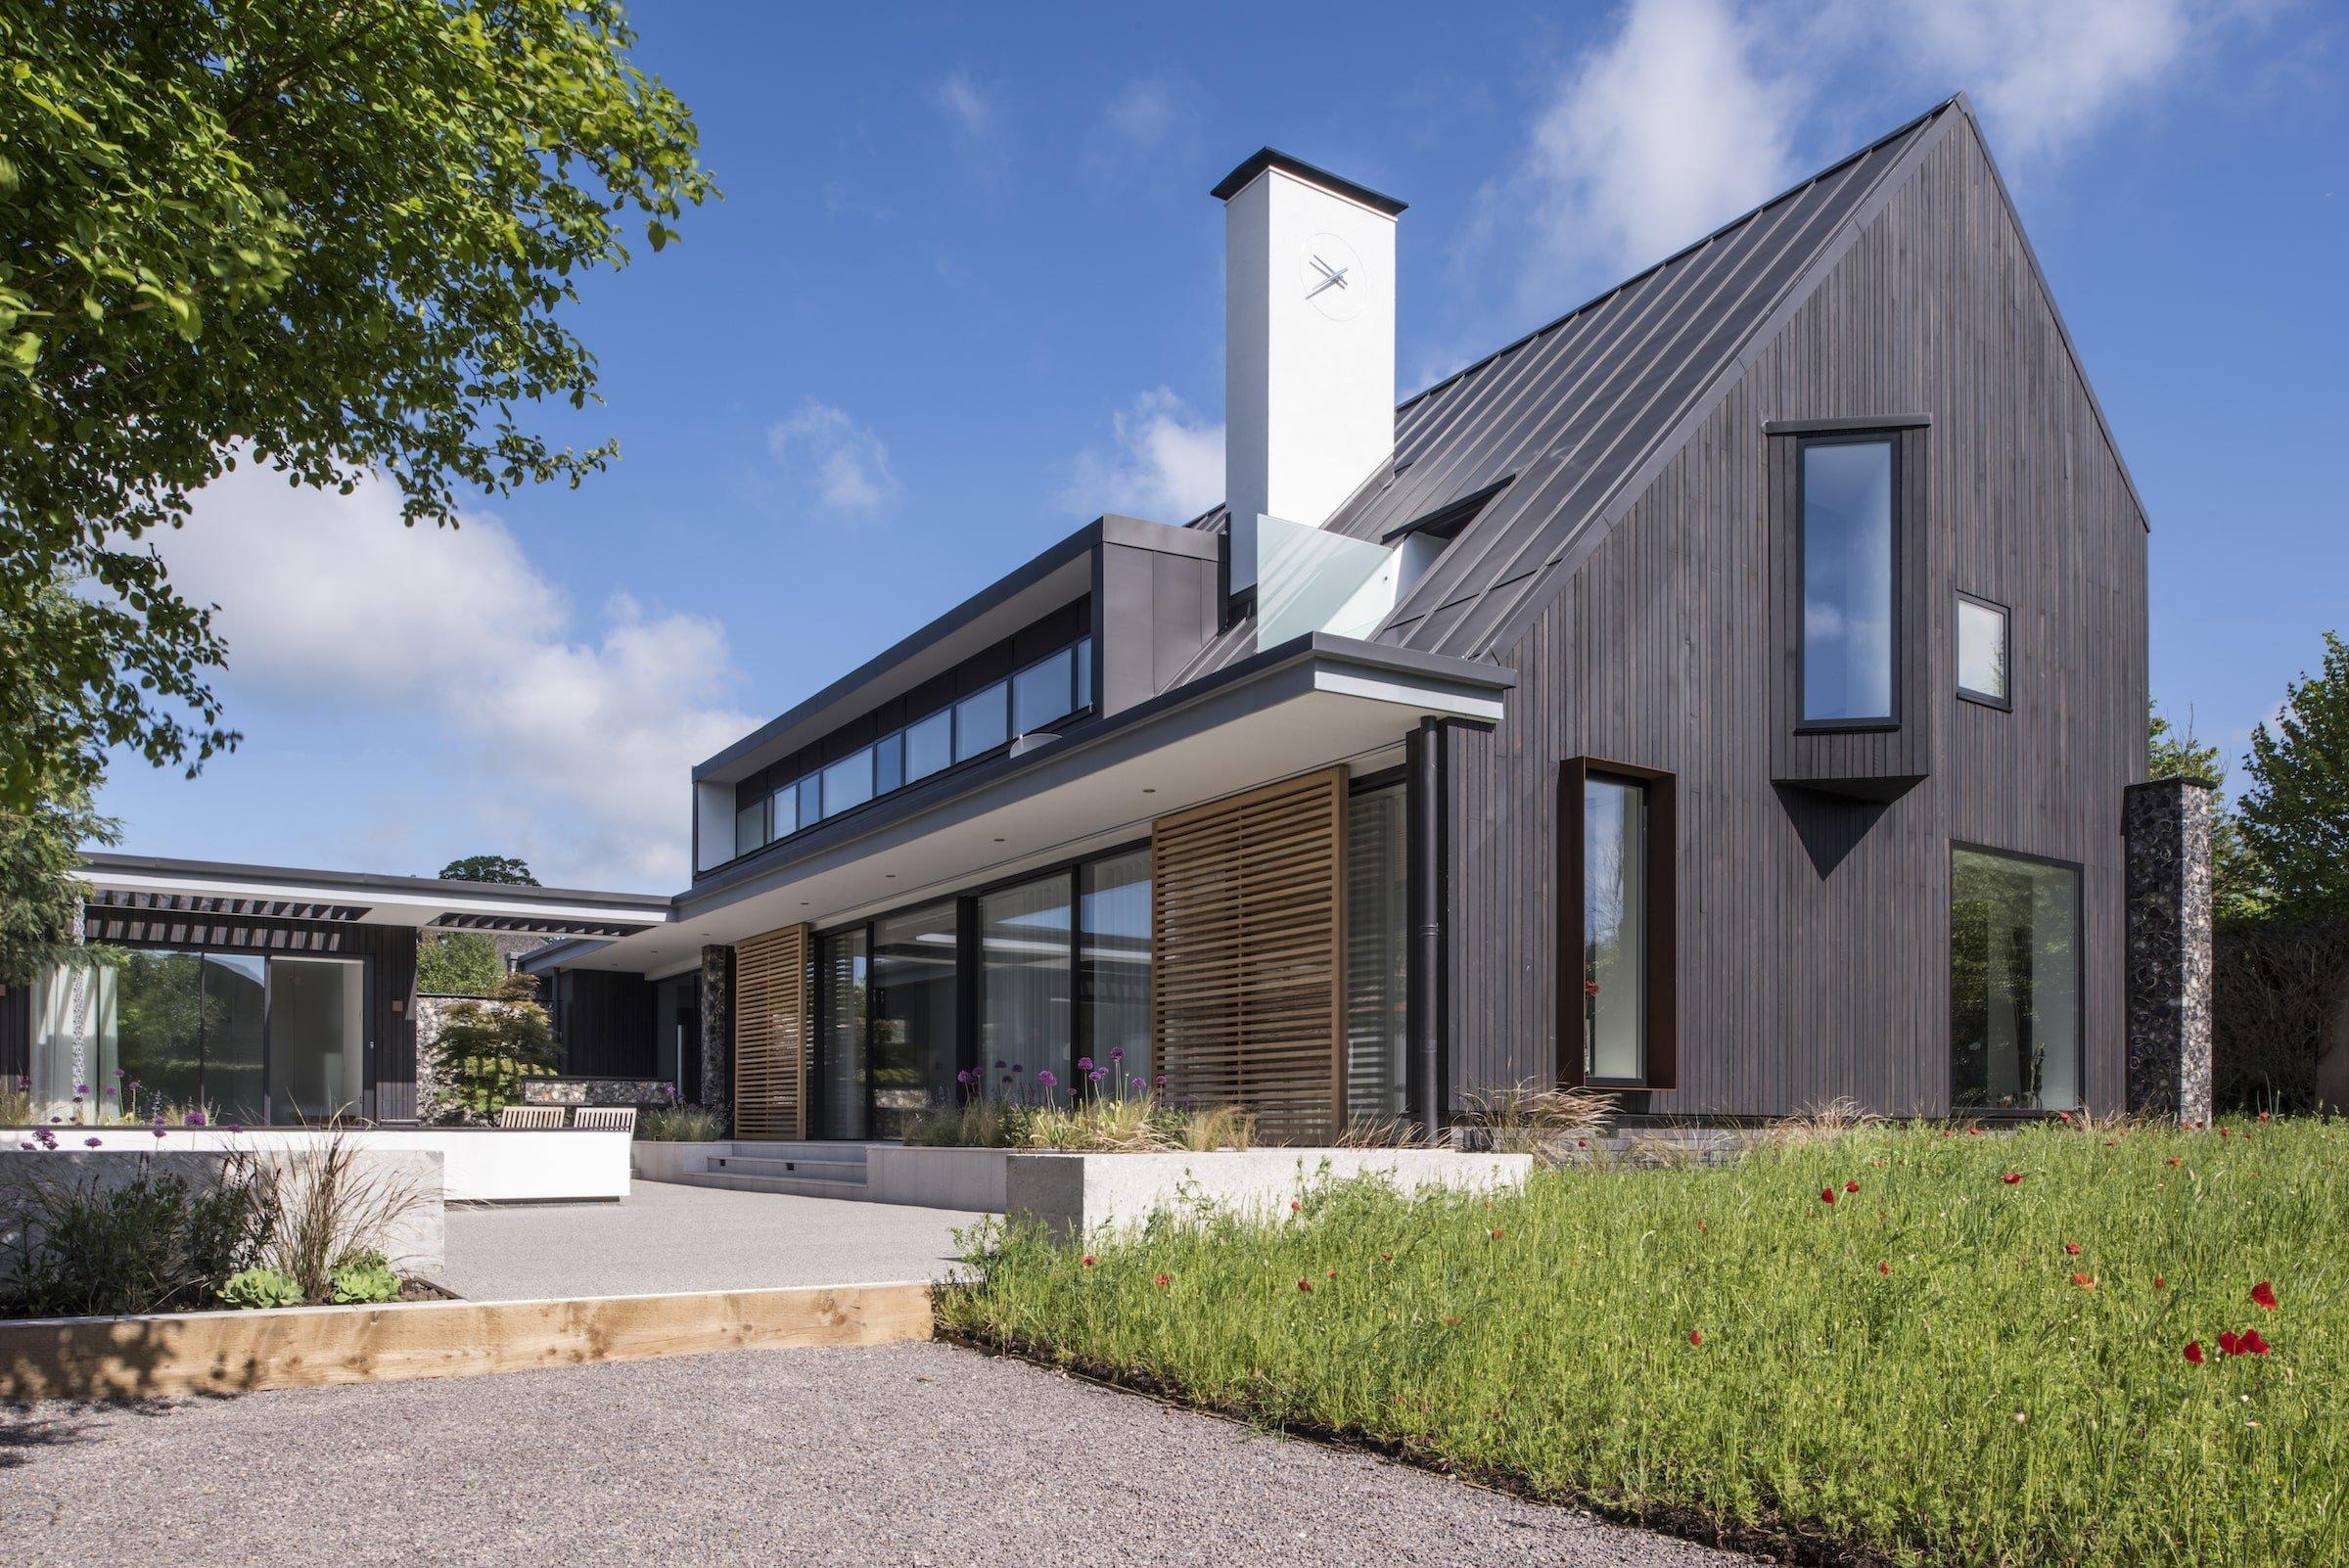 Dům, v němž se spojují historické tradice s nejmodernějšími nápady. Přesně takto můžeme popsat dům architekta Heinze Richardsona, který si pro stavbu svého domu snů vybral městečko v hrabství Buckinghamshire na severovýchodě Londýna.